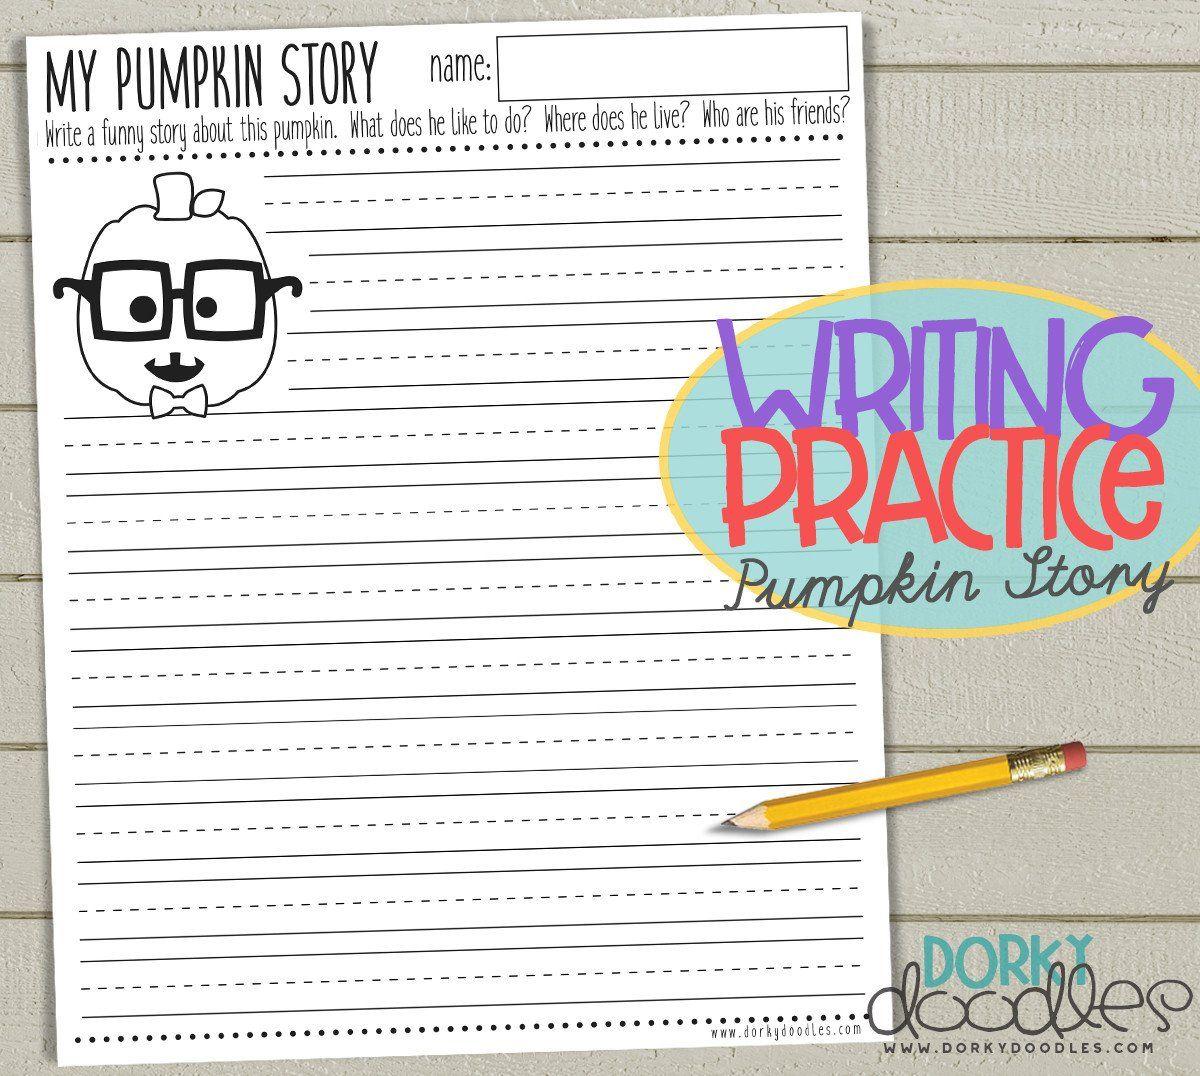 Pumpkin Story Writing Practice Worksheet